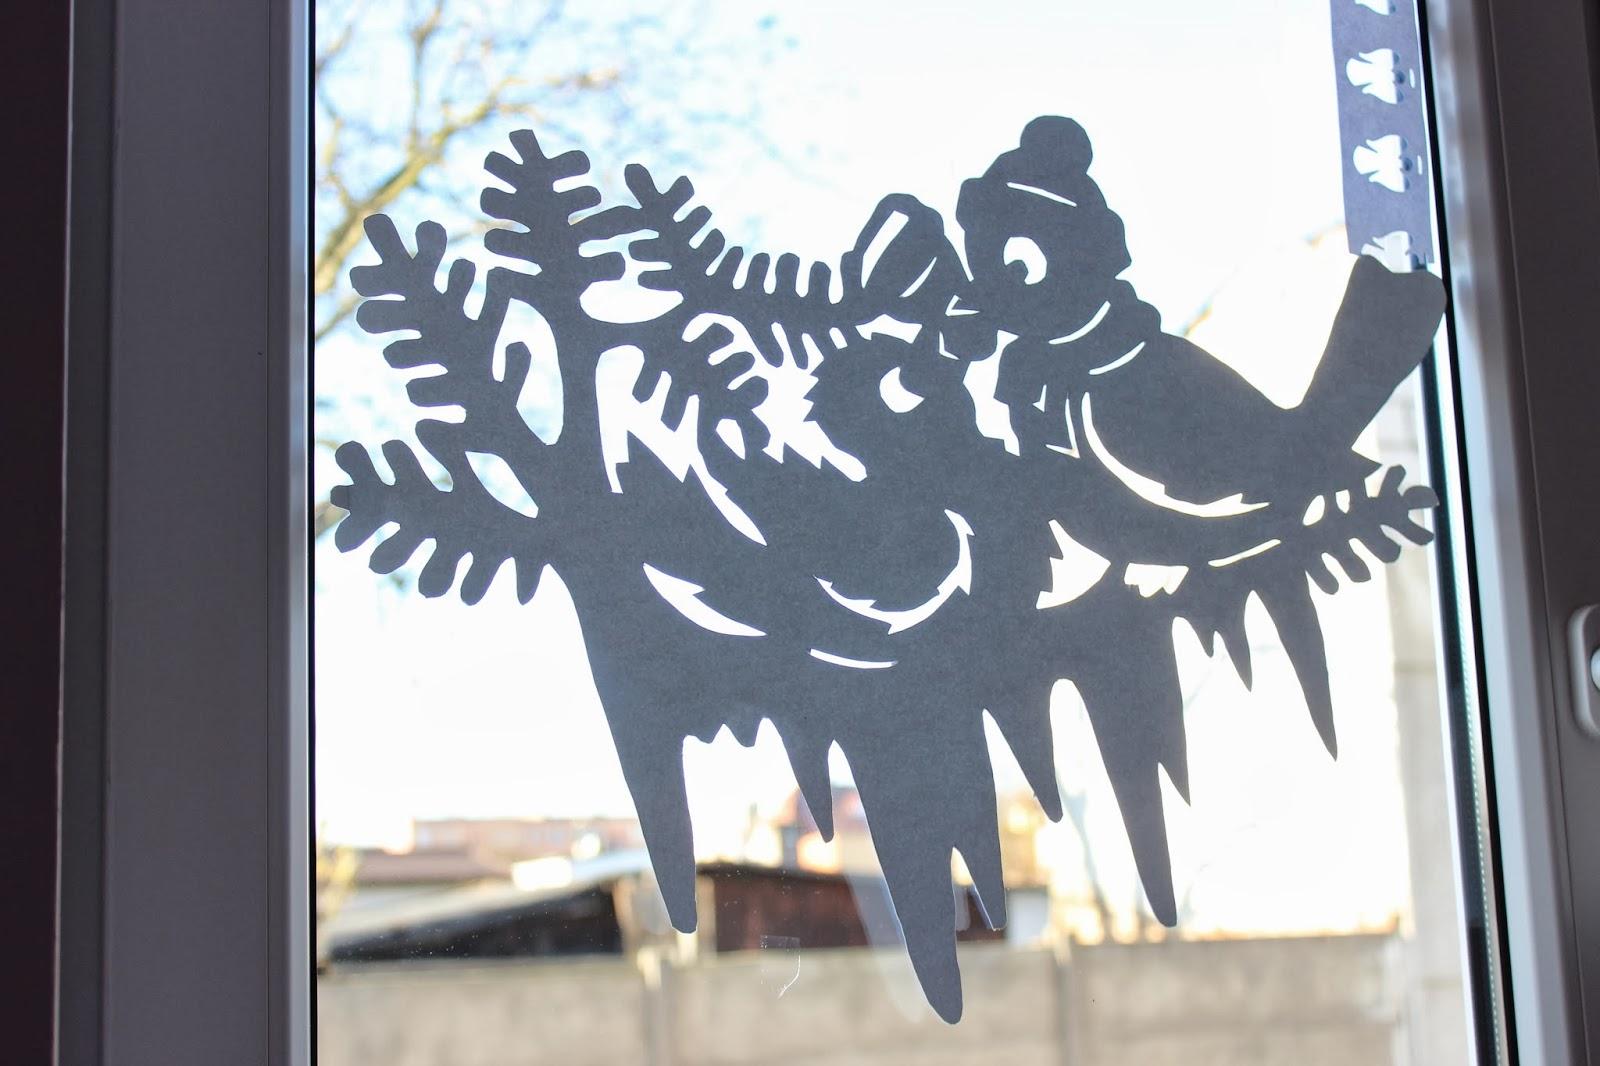 Akademia Maluchów Przedszkole W Zimowo świątecznej Odsłonie